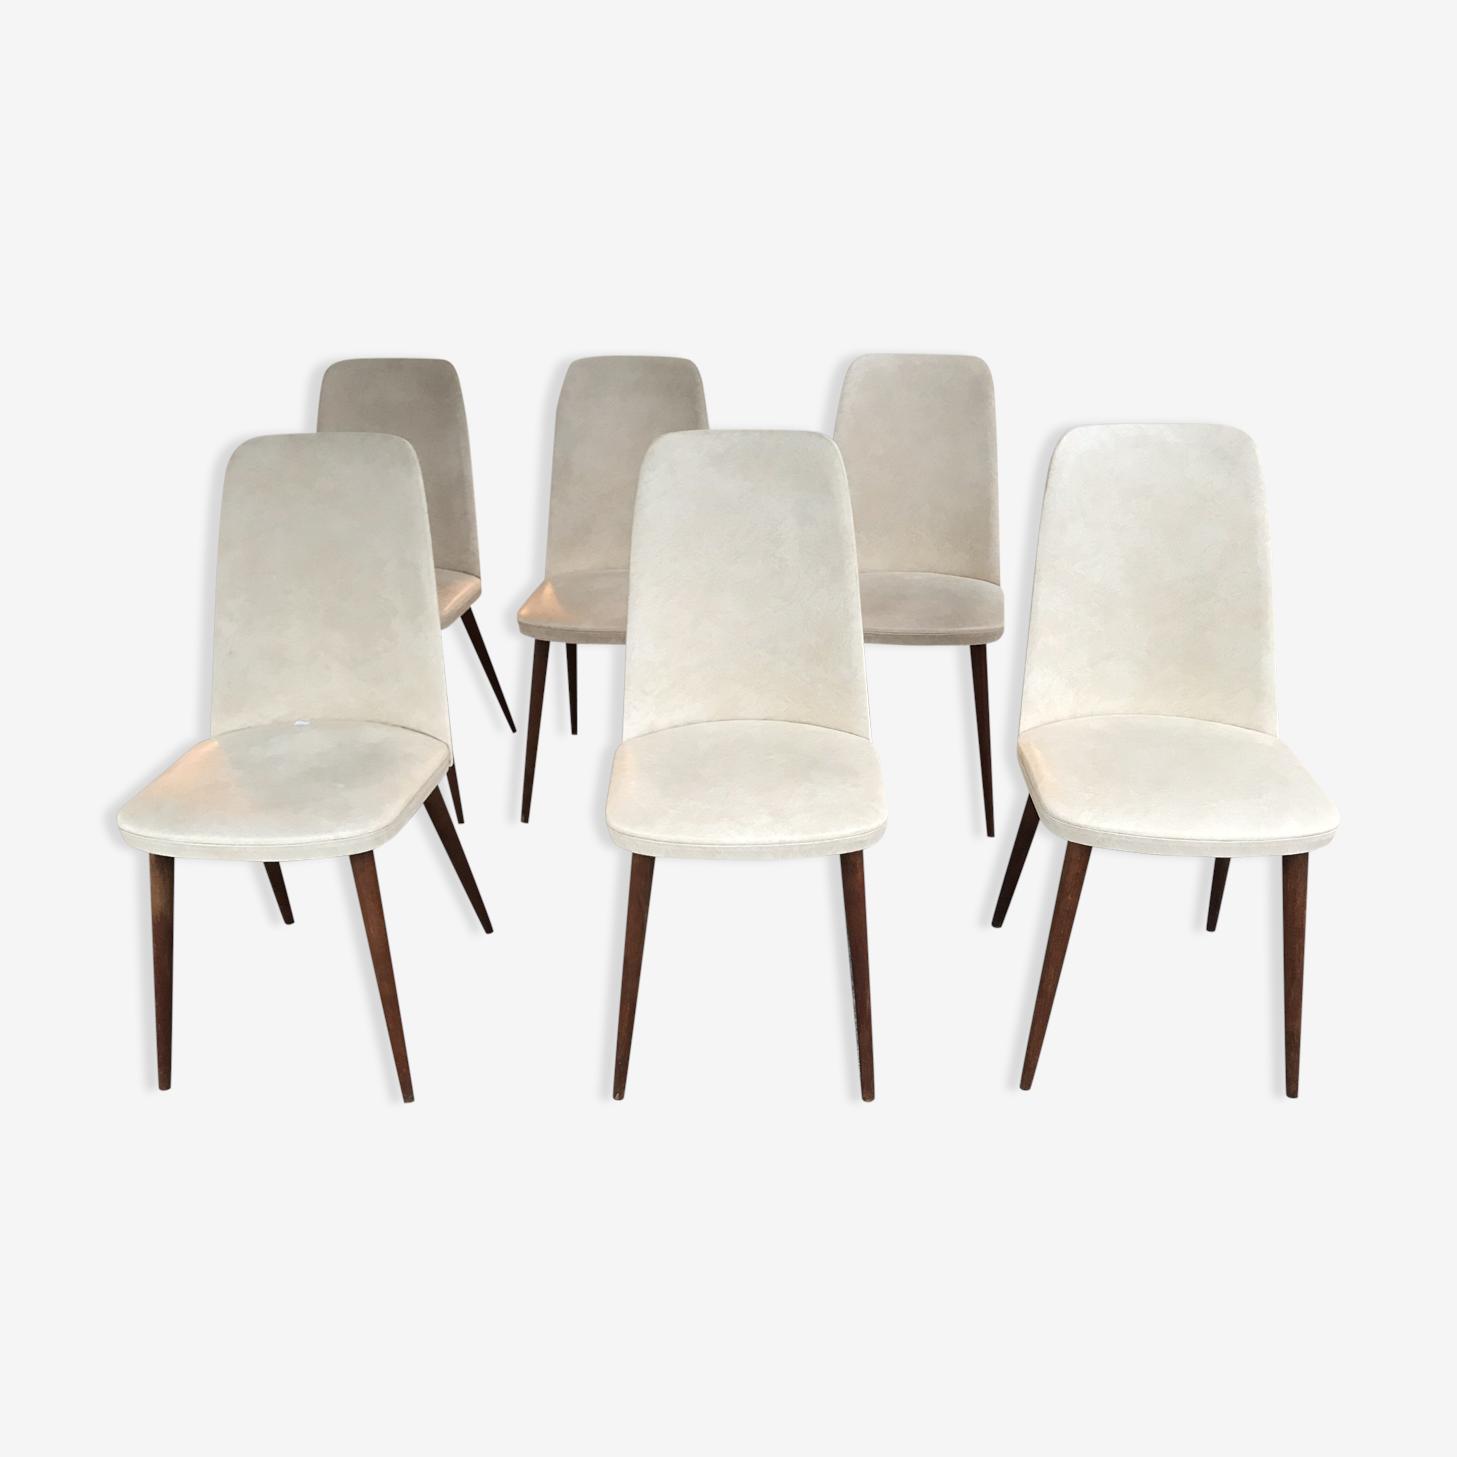 Ensemble de 6 chaises vintage 1950/1960